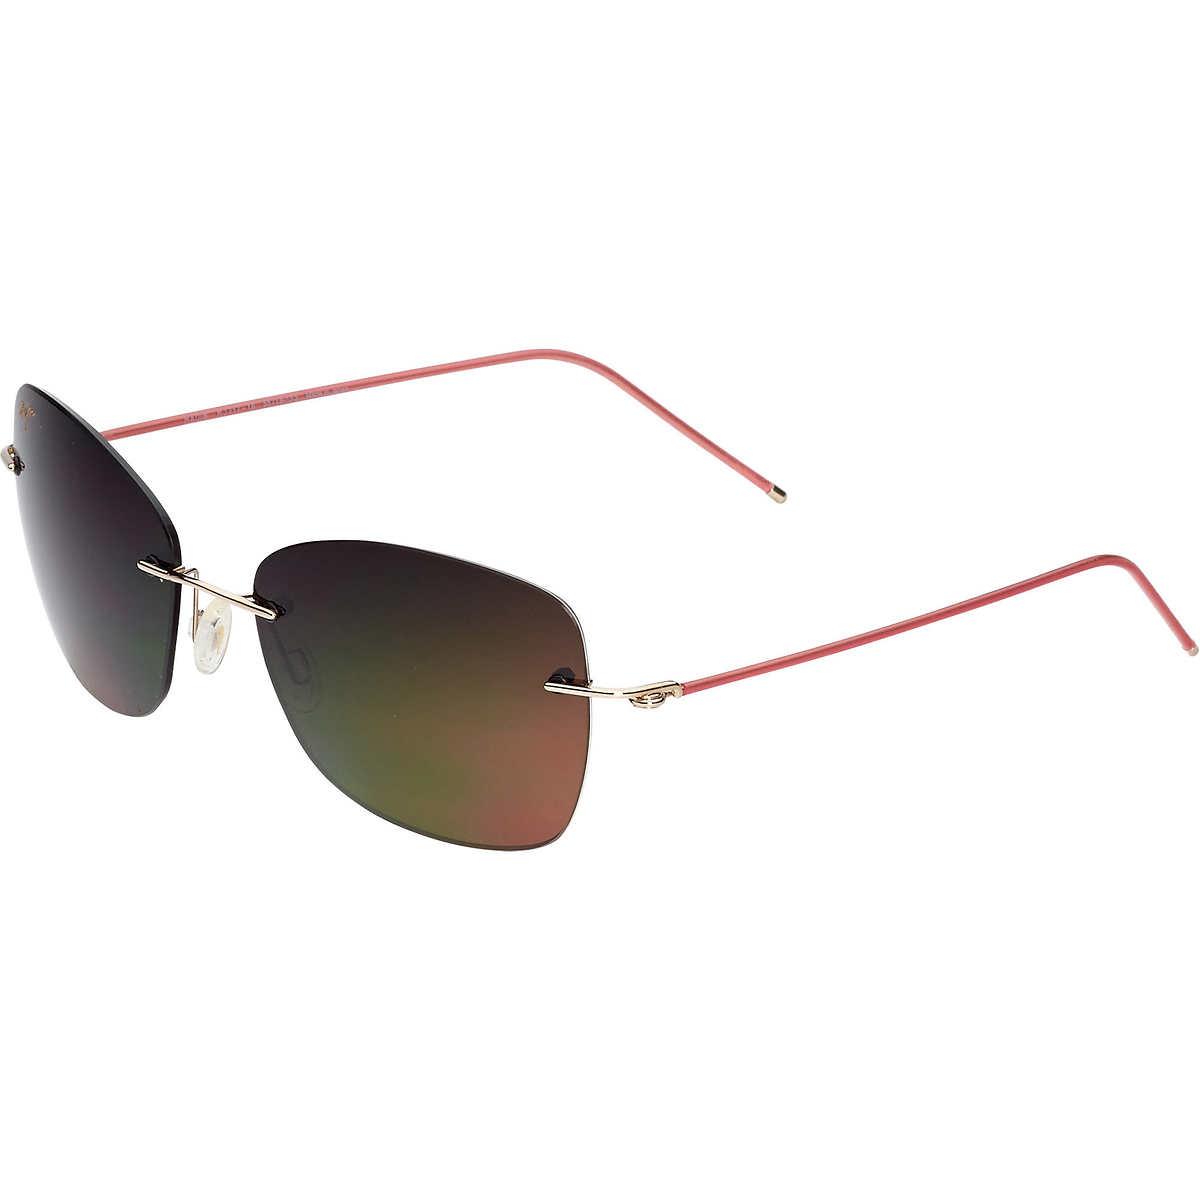 c6243ac01bf Maui Jim Apapane HS717-16 Pink Polarized Sunglasses